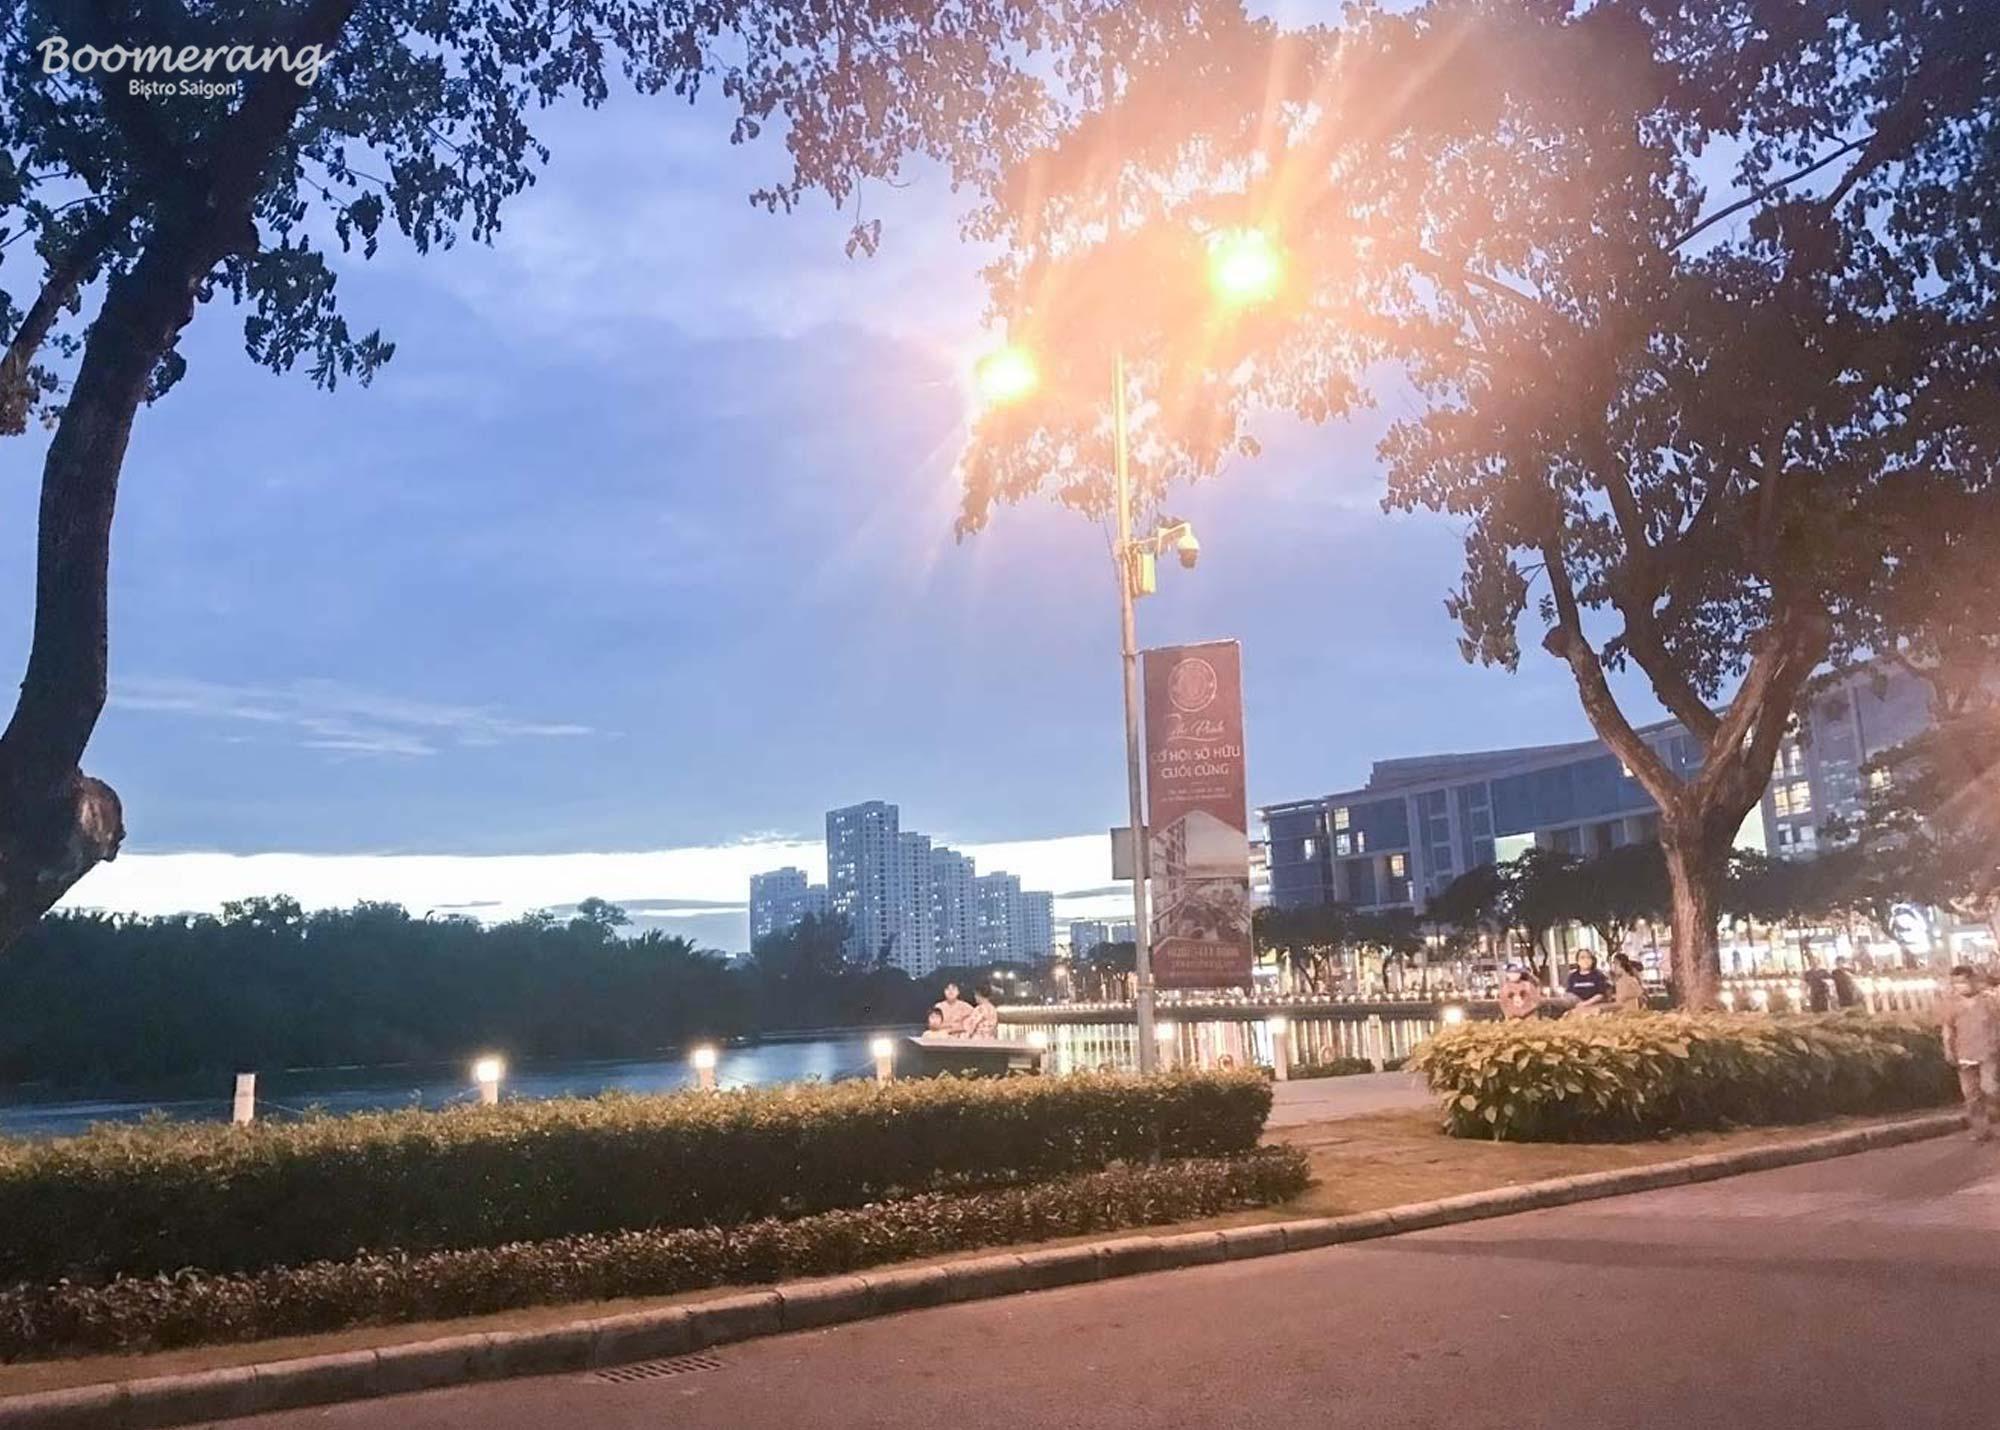 Nhà hàng Boomerang vị trí trung tâm đô thị Phú Mỹ Hưng